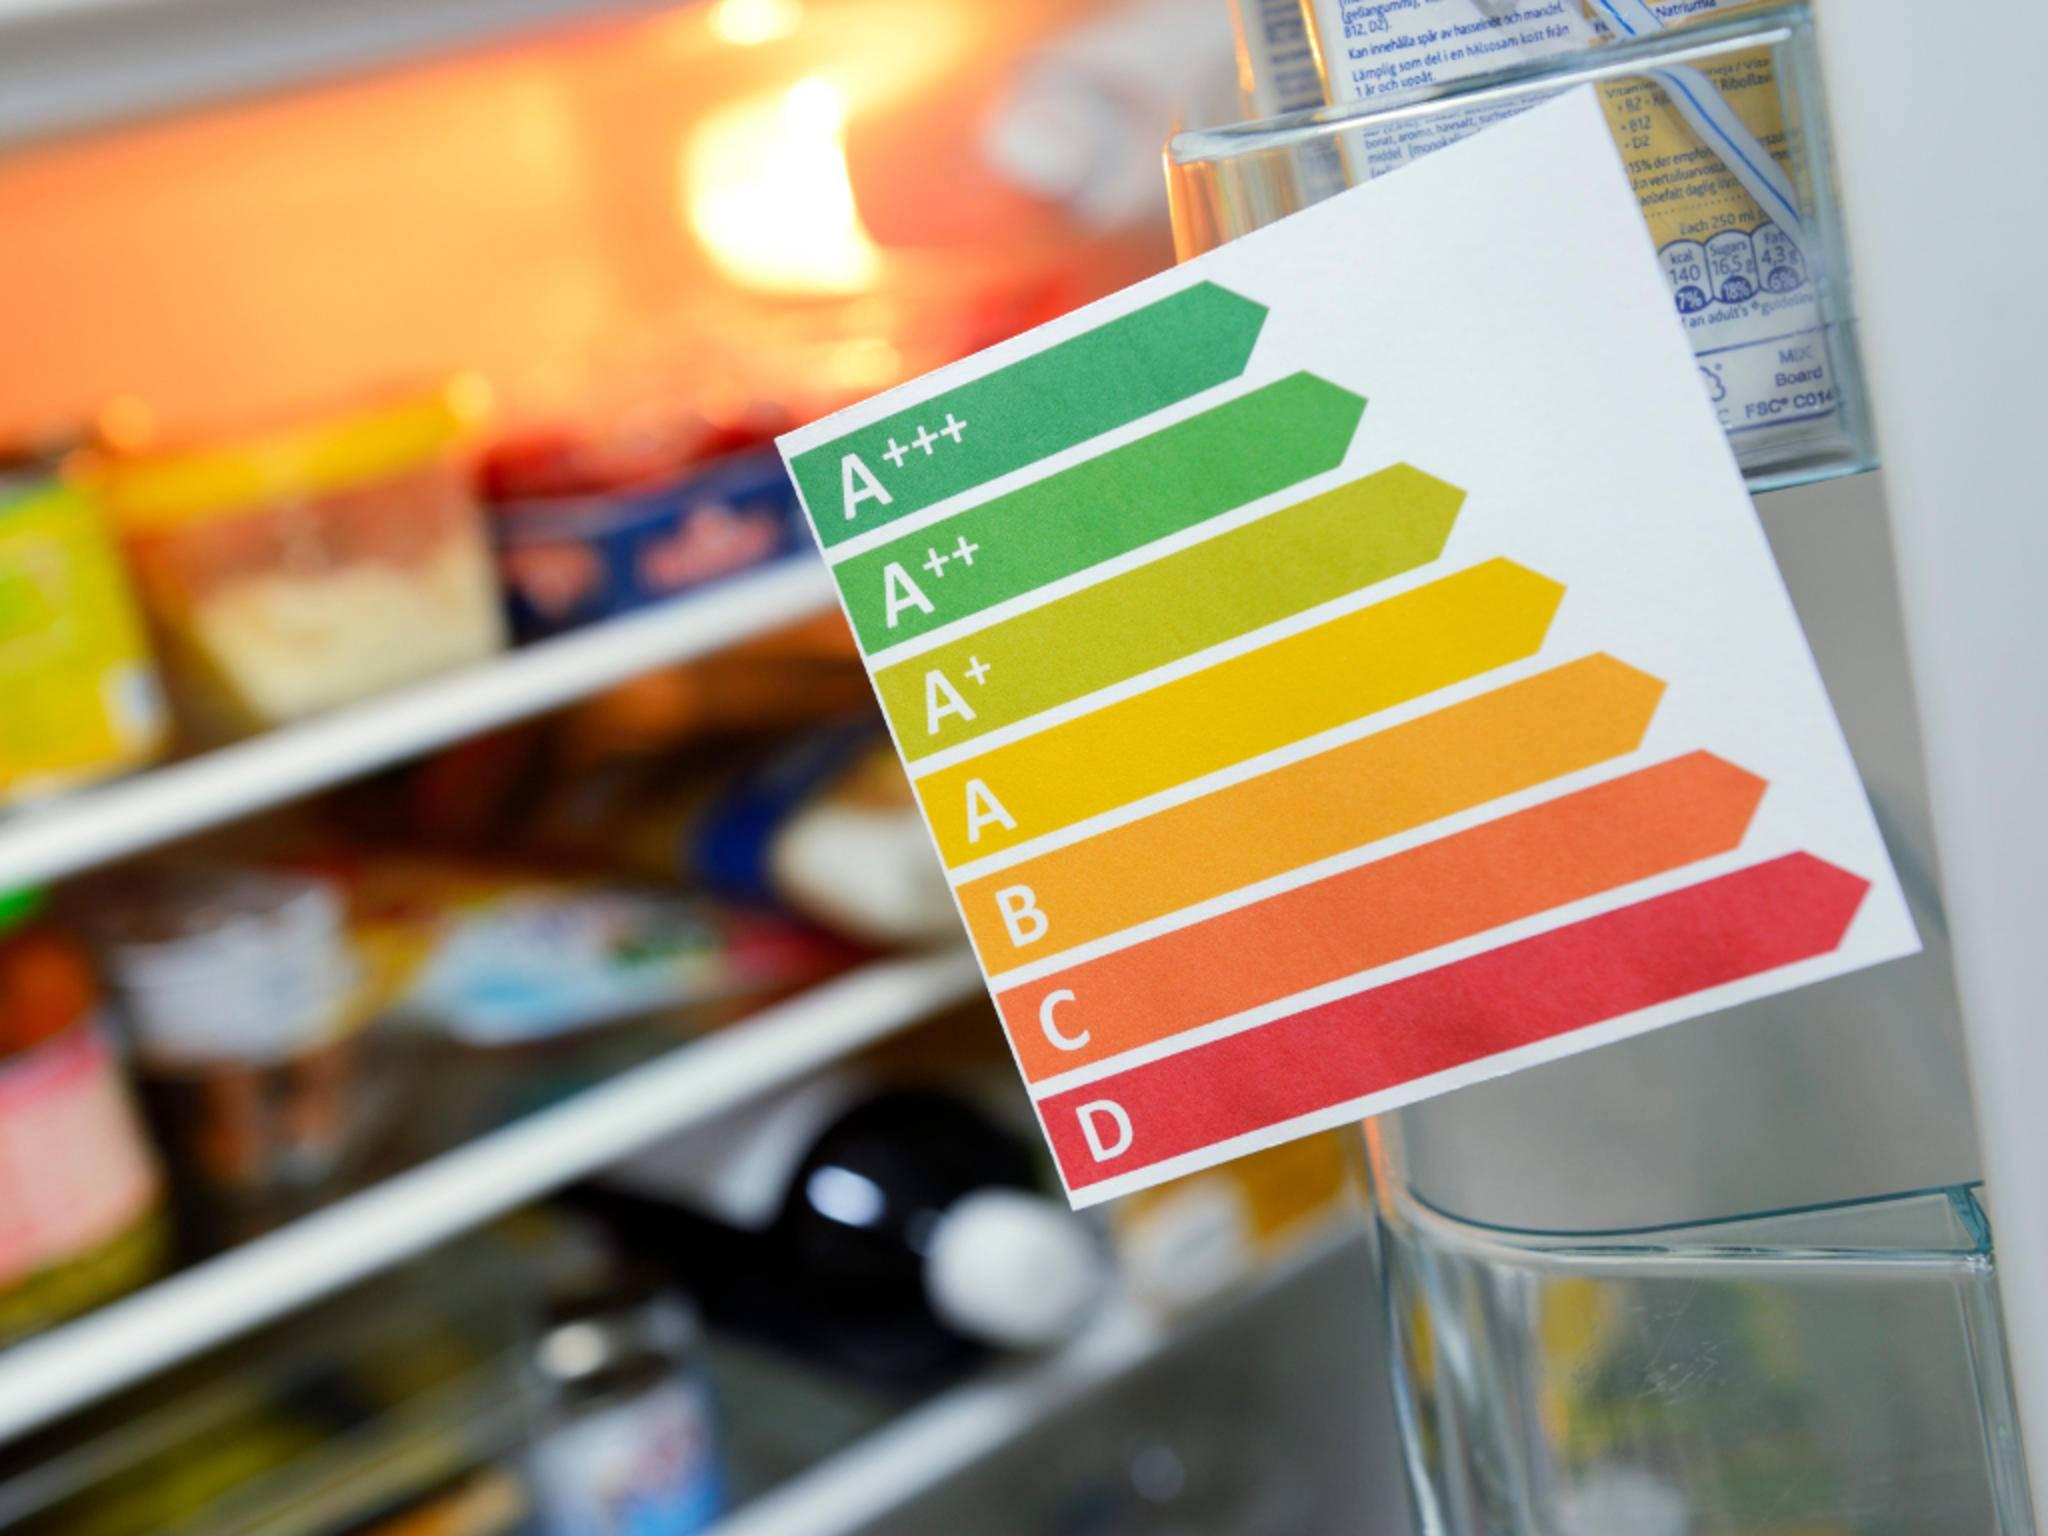 Die richtige Kühlschrank-Temperatur kann sehr viel Geld einsparen.